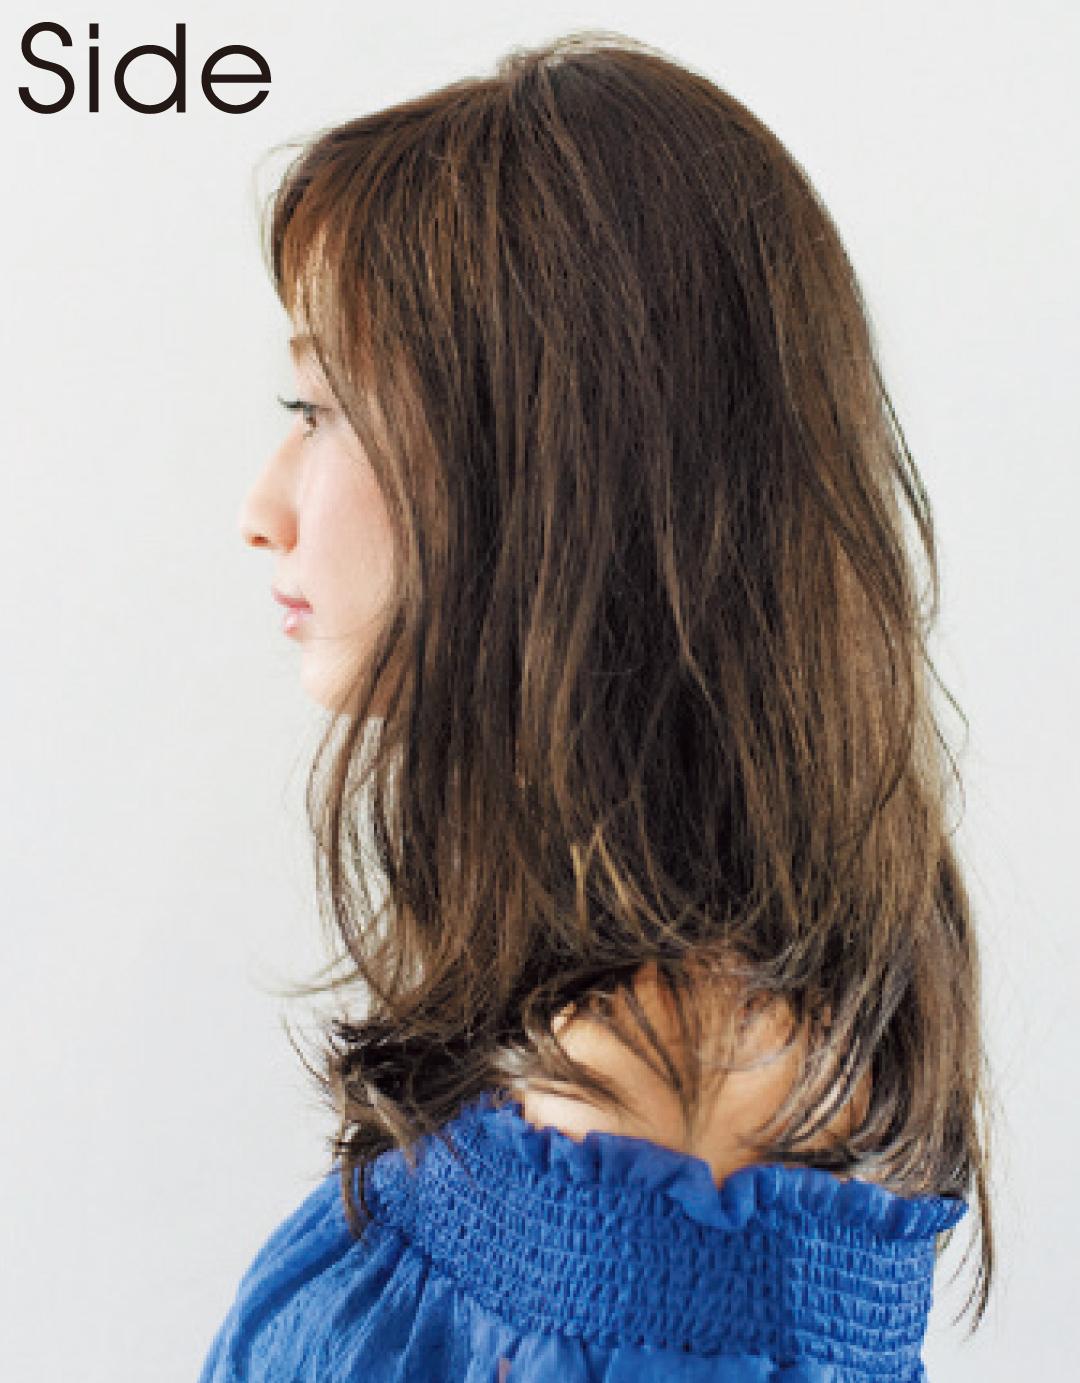 石原さとみさんのヘアスタイル、大人っぽモテ♡ ミディアムになる方法_1_6-1